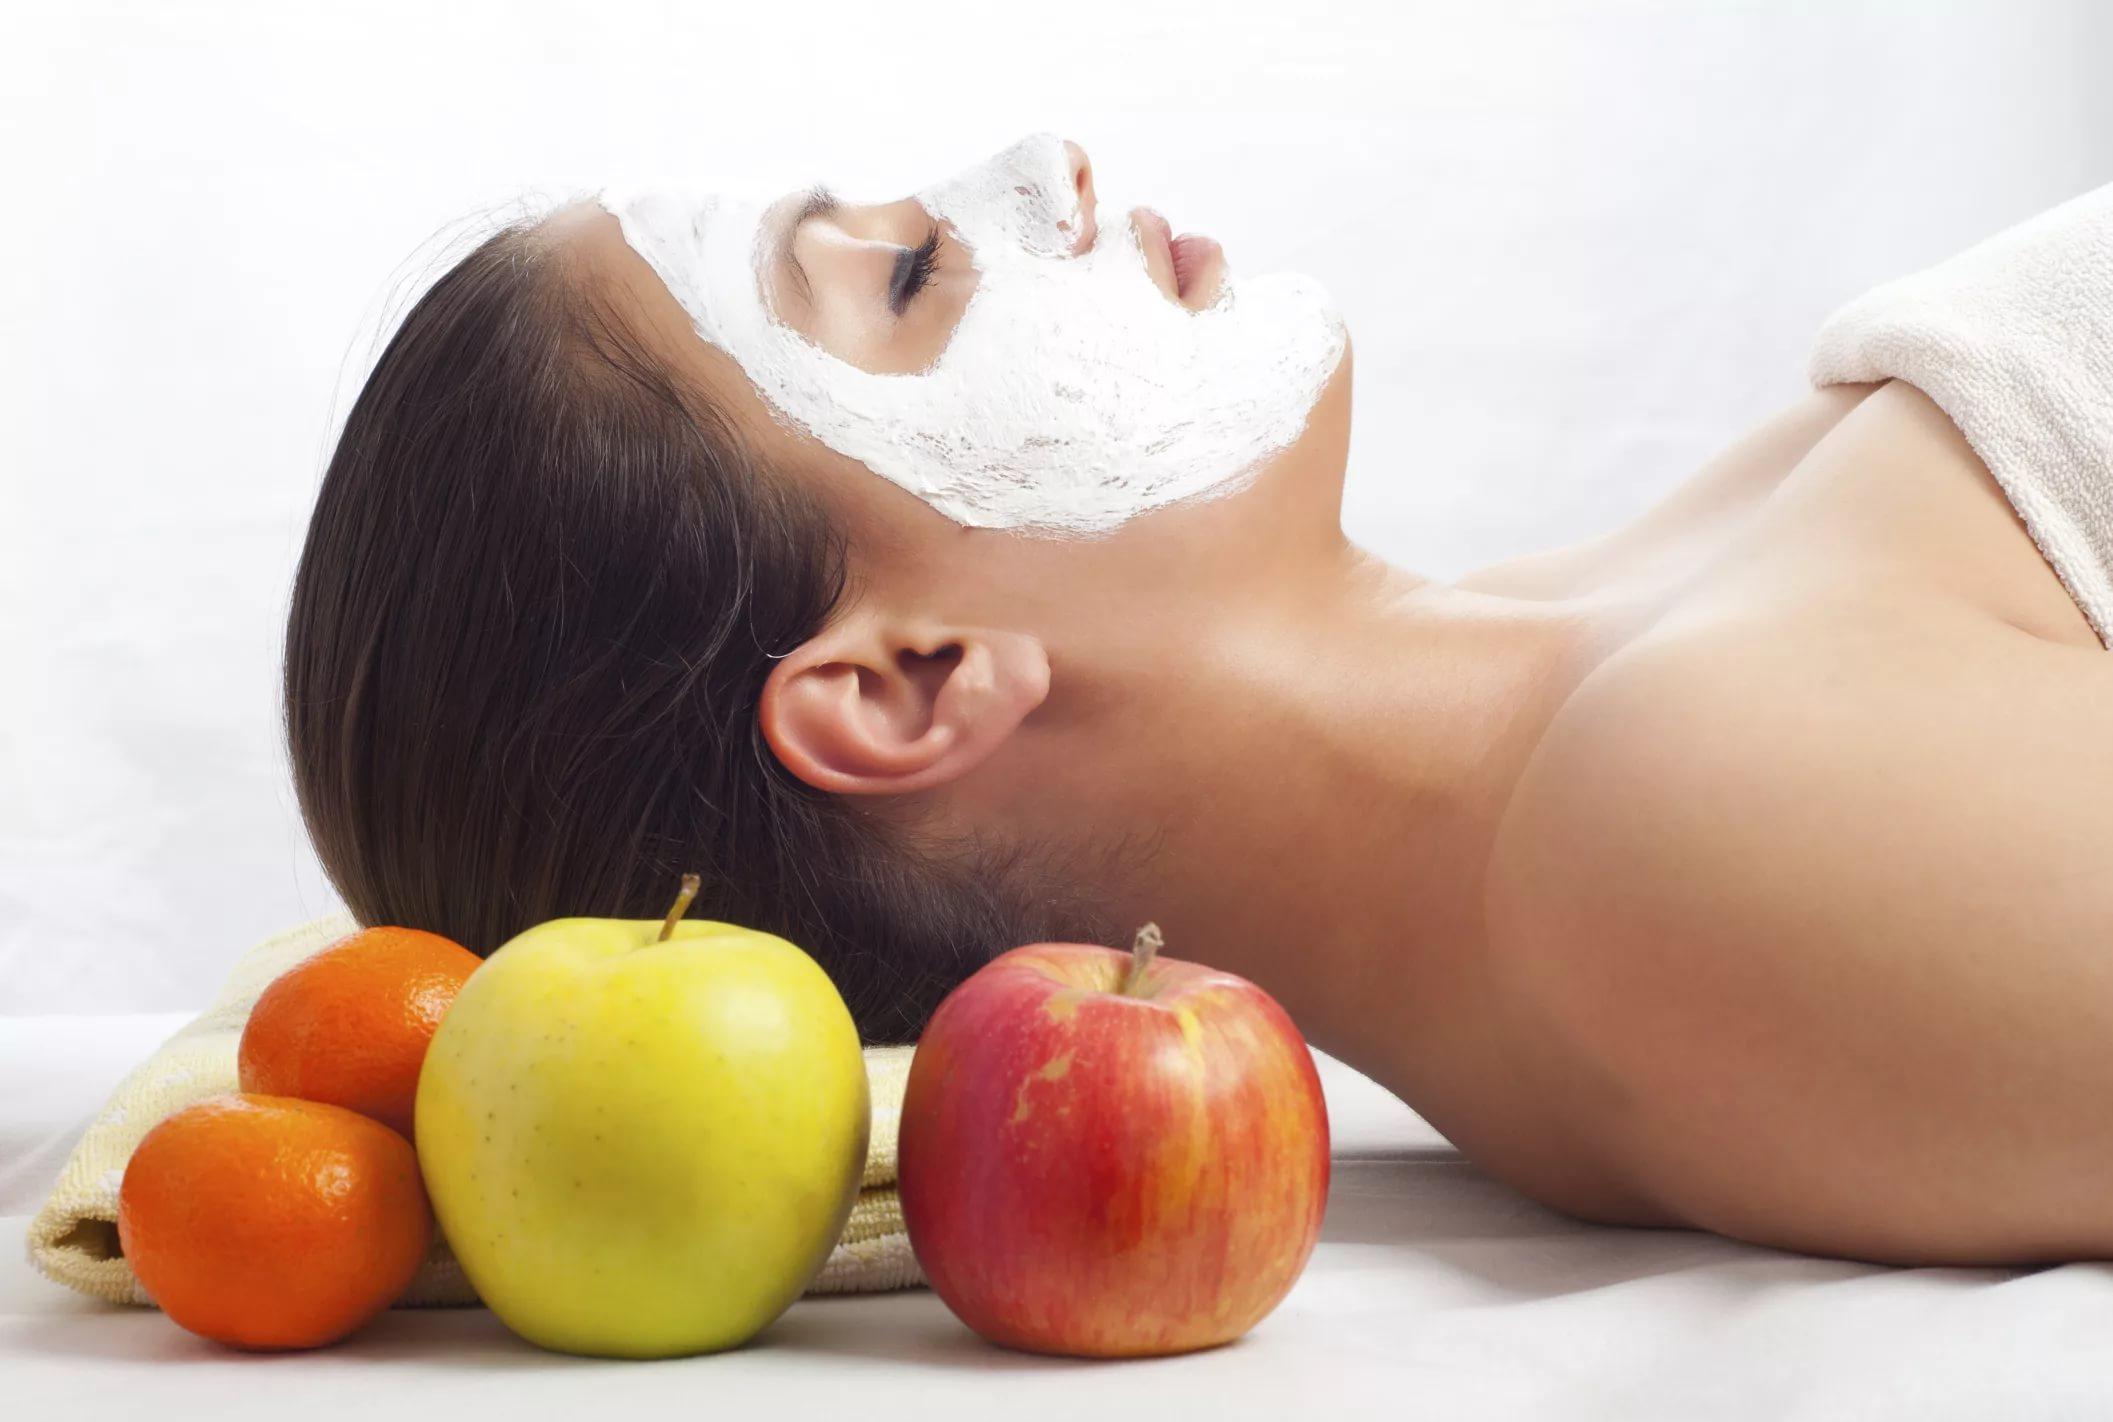 Картинка по теме: Домашняя маска из яблока для лица с эффектом пилинга